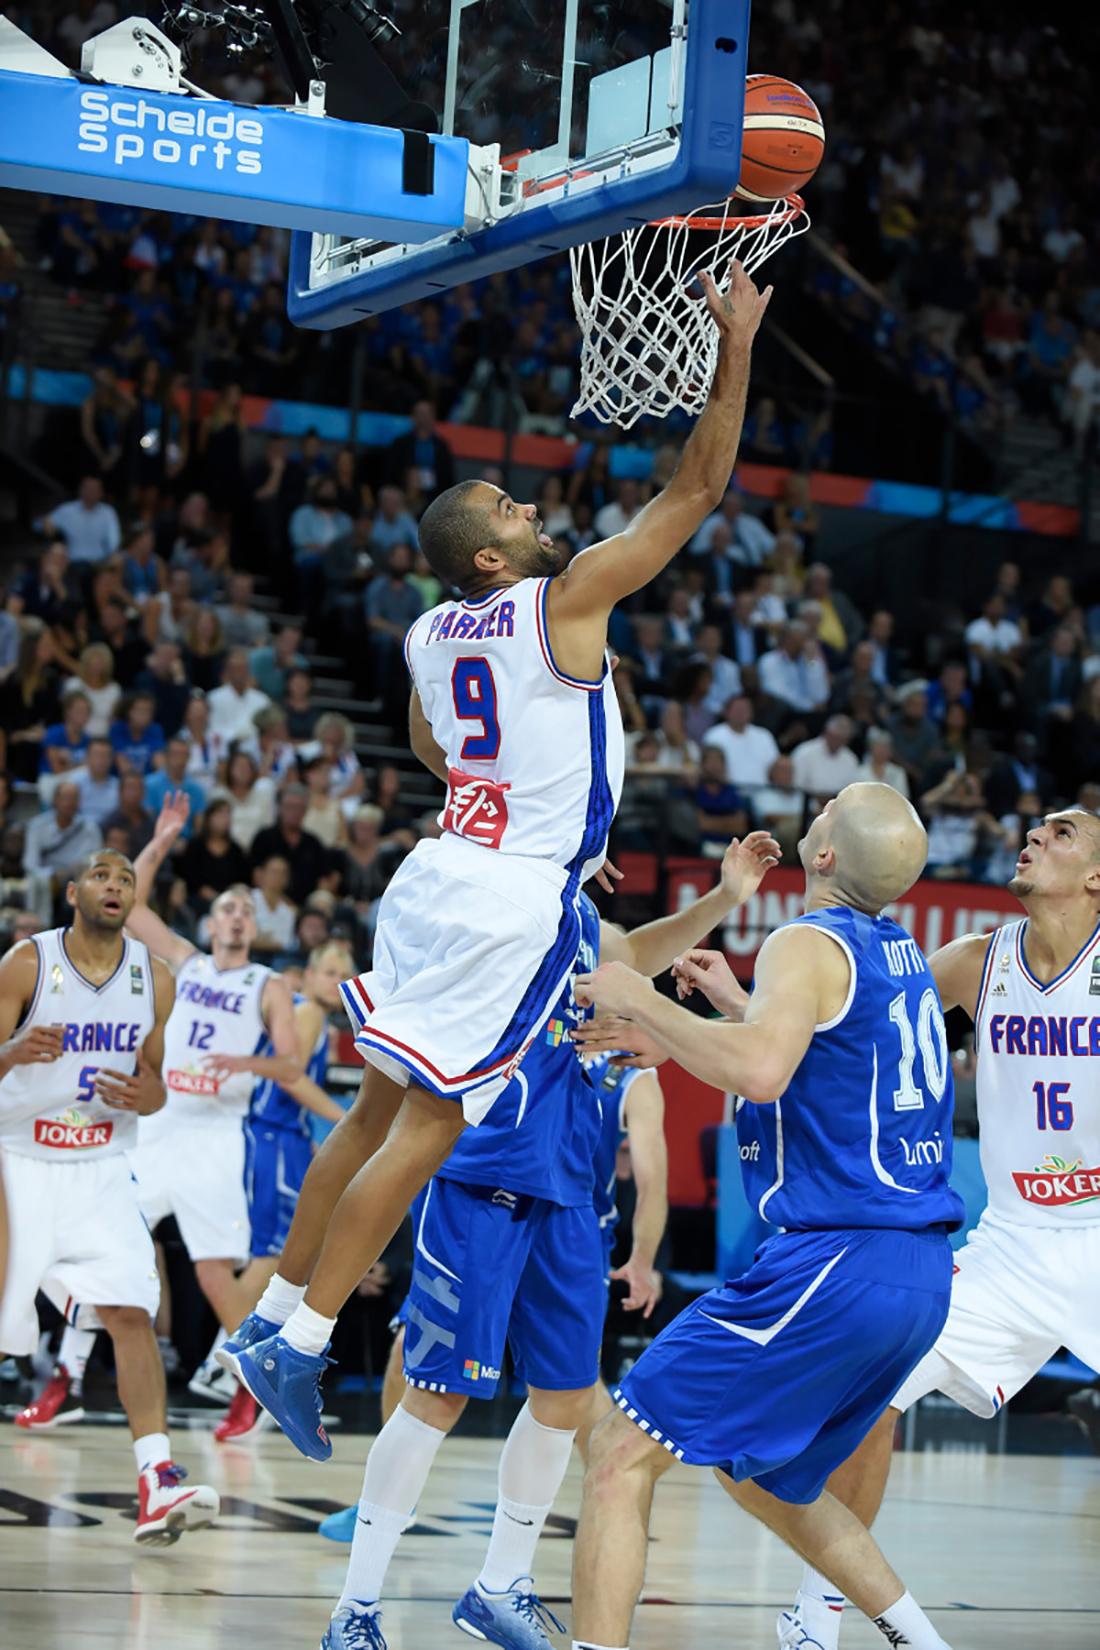 tony parker en el EUROBASKET, por viva basquet